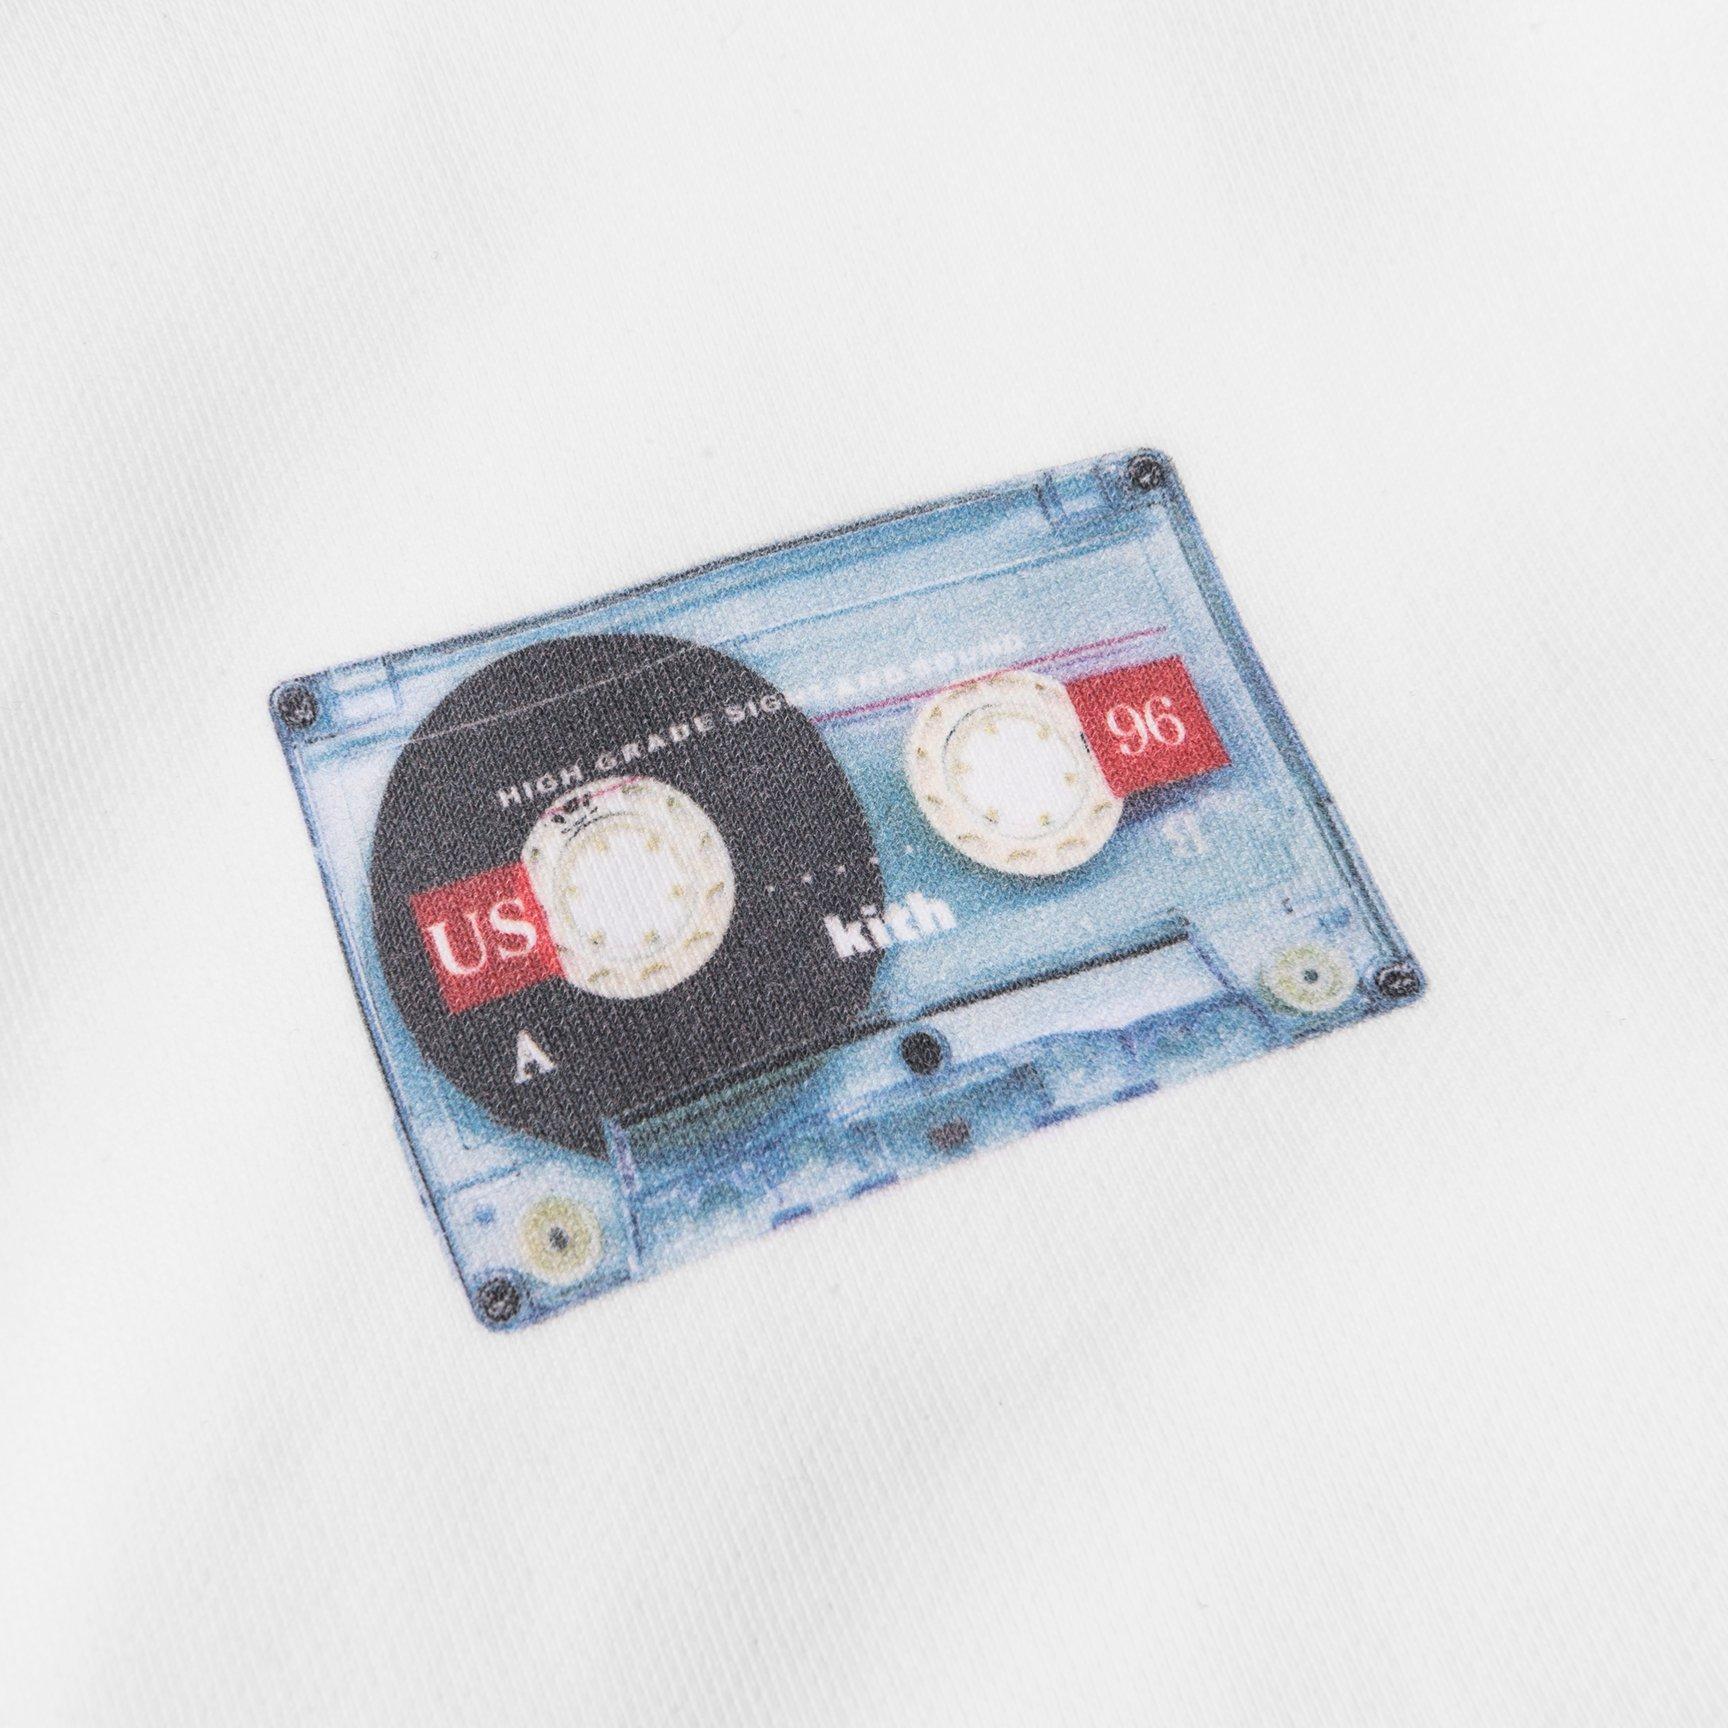 kith casette.jpg